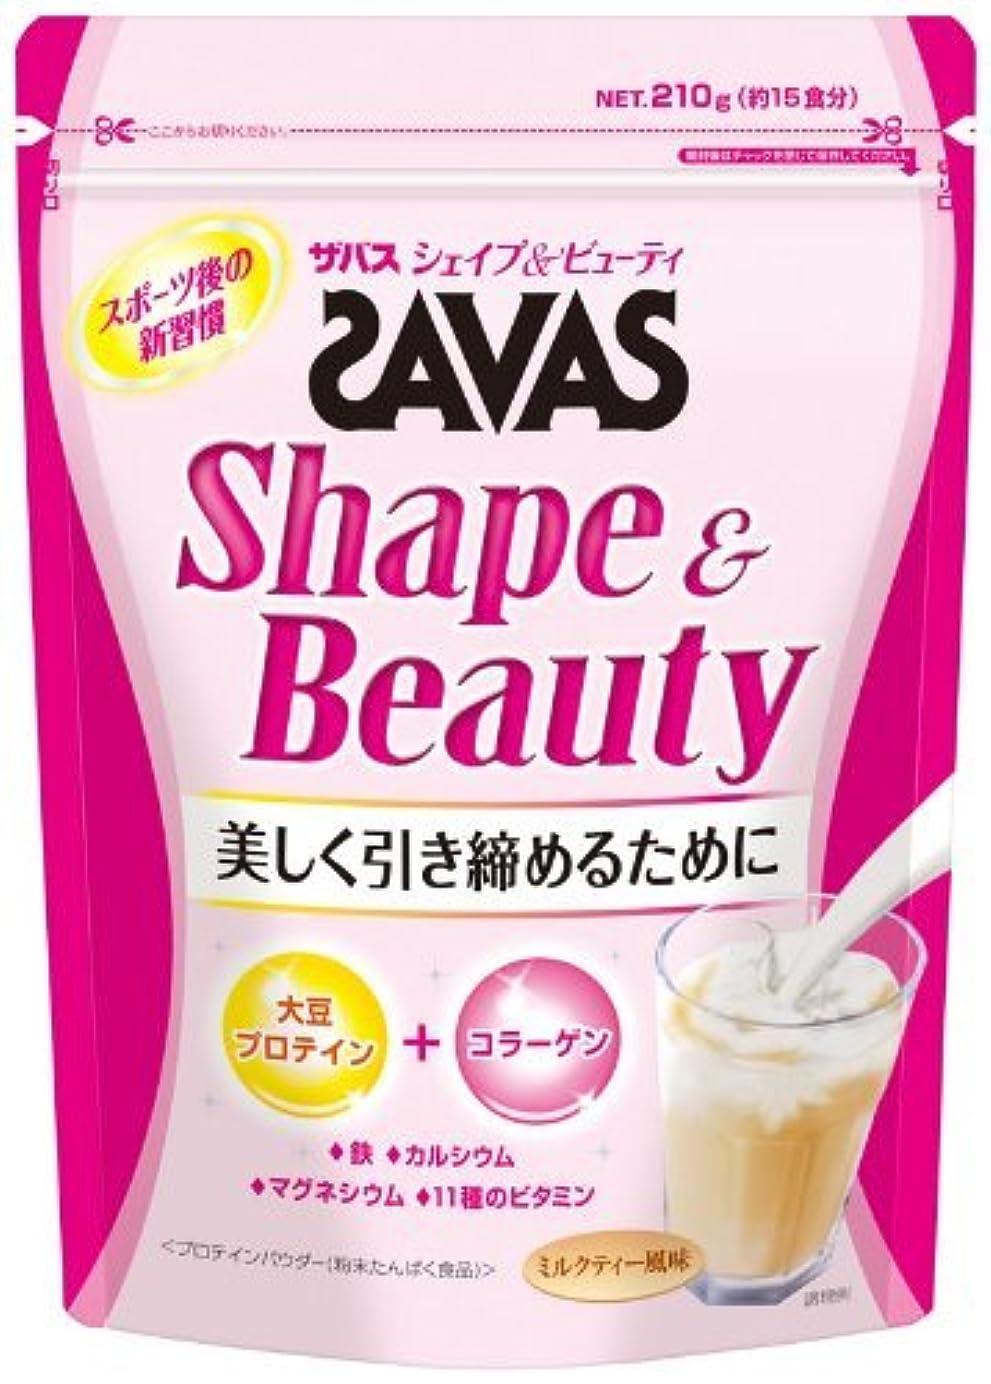 後世艶億明治 ザバス シェイプ&ビューティ ミルクティー風味【15食分】 210g